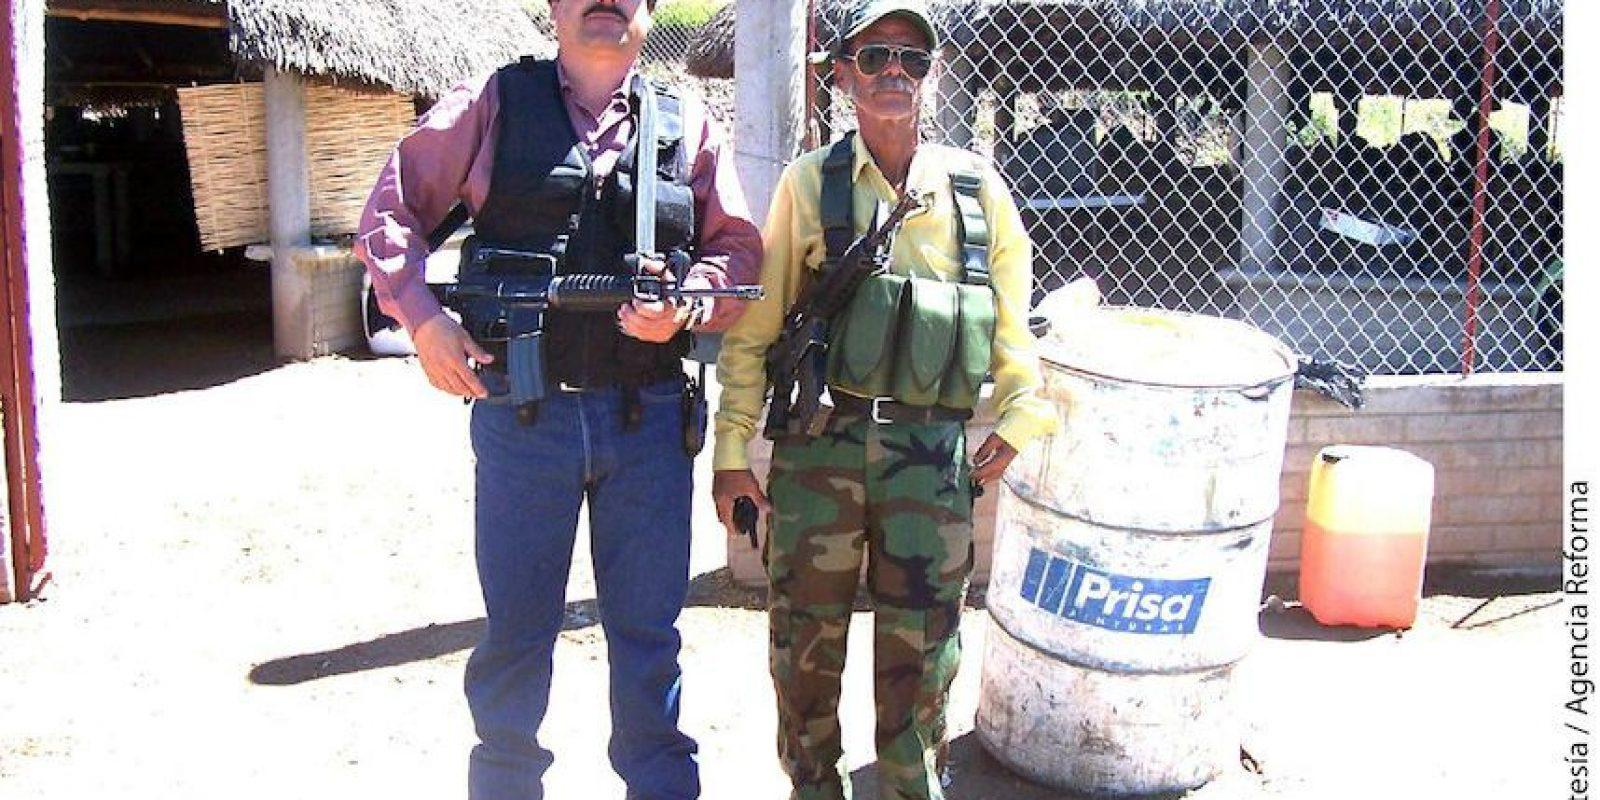 El sábado 11 de julio se fugó por segunda ocasión de una cárcel de máxima seguridad en México